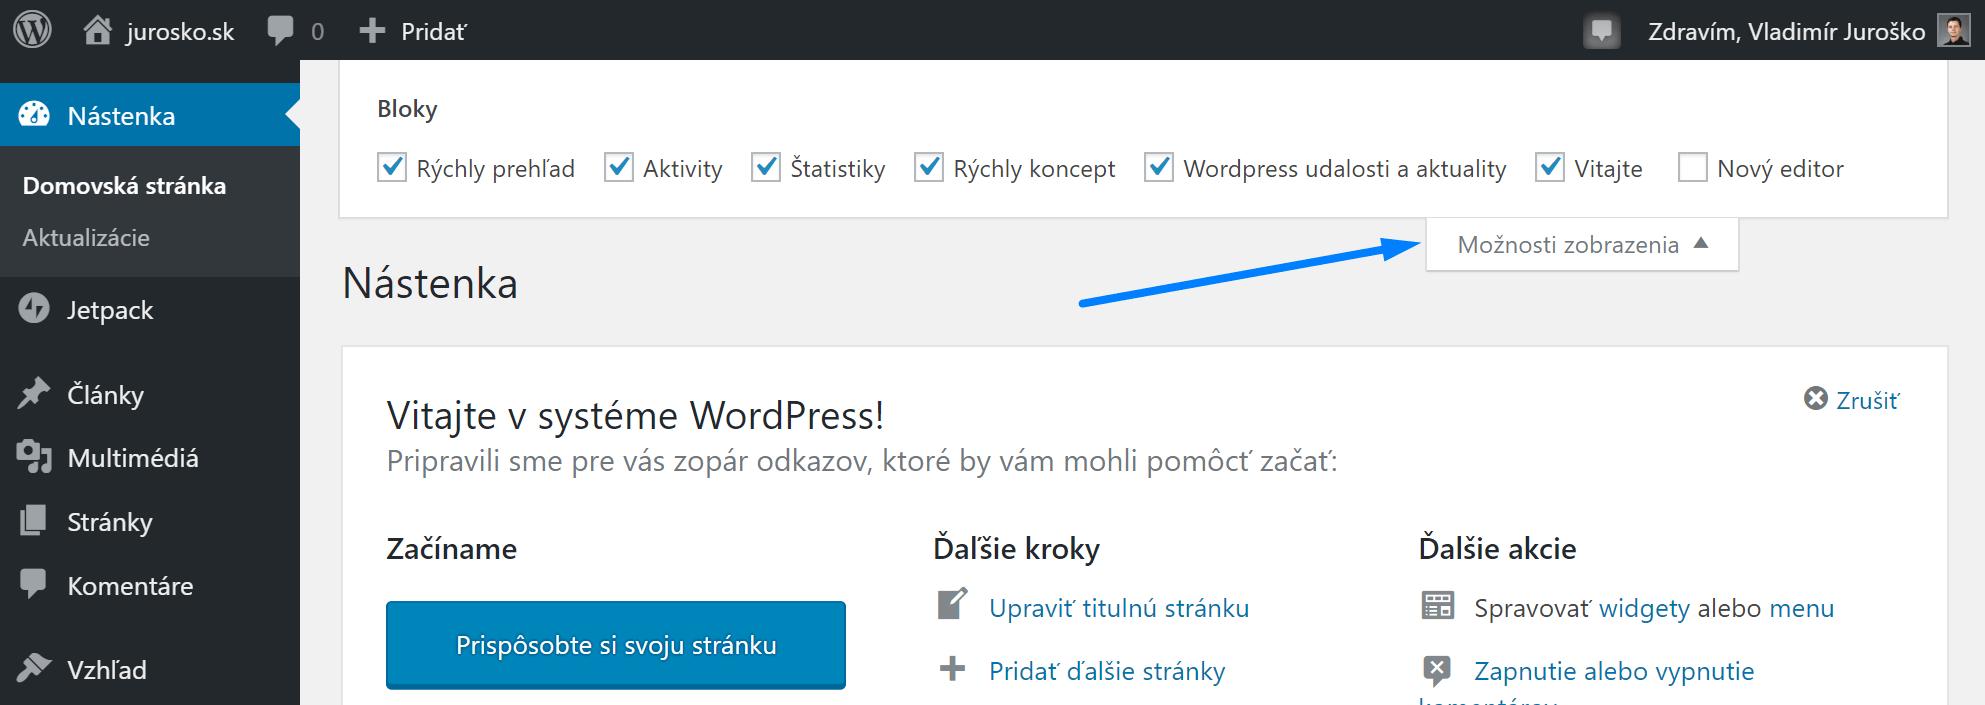 WordPress možnosti zobrazenia